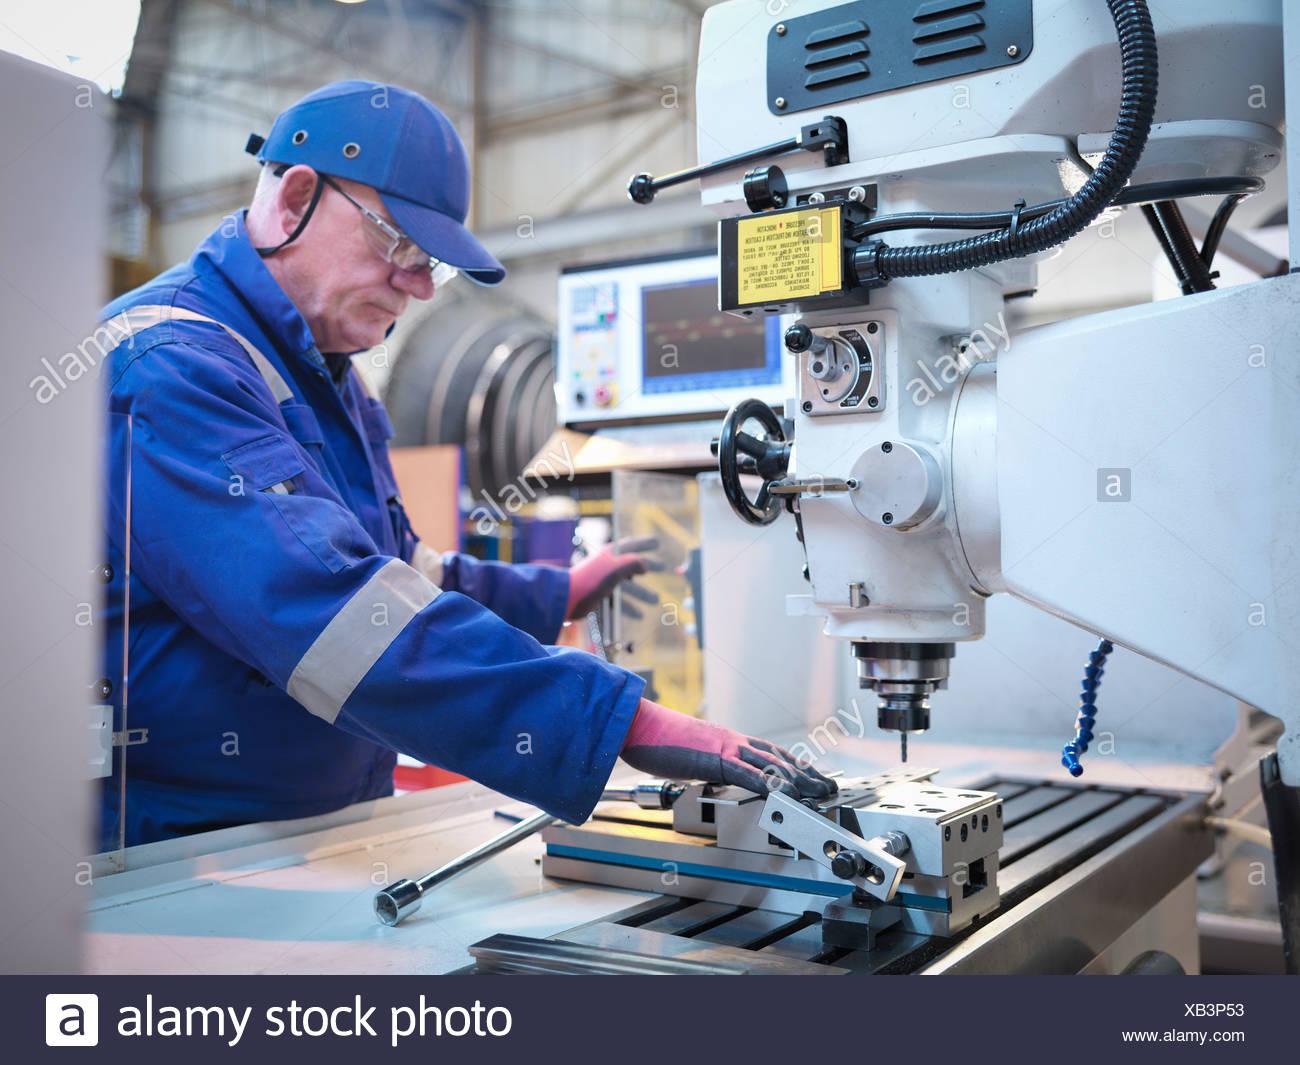 Engineer preparing lathe in steam turbine repair works - Stock Image